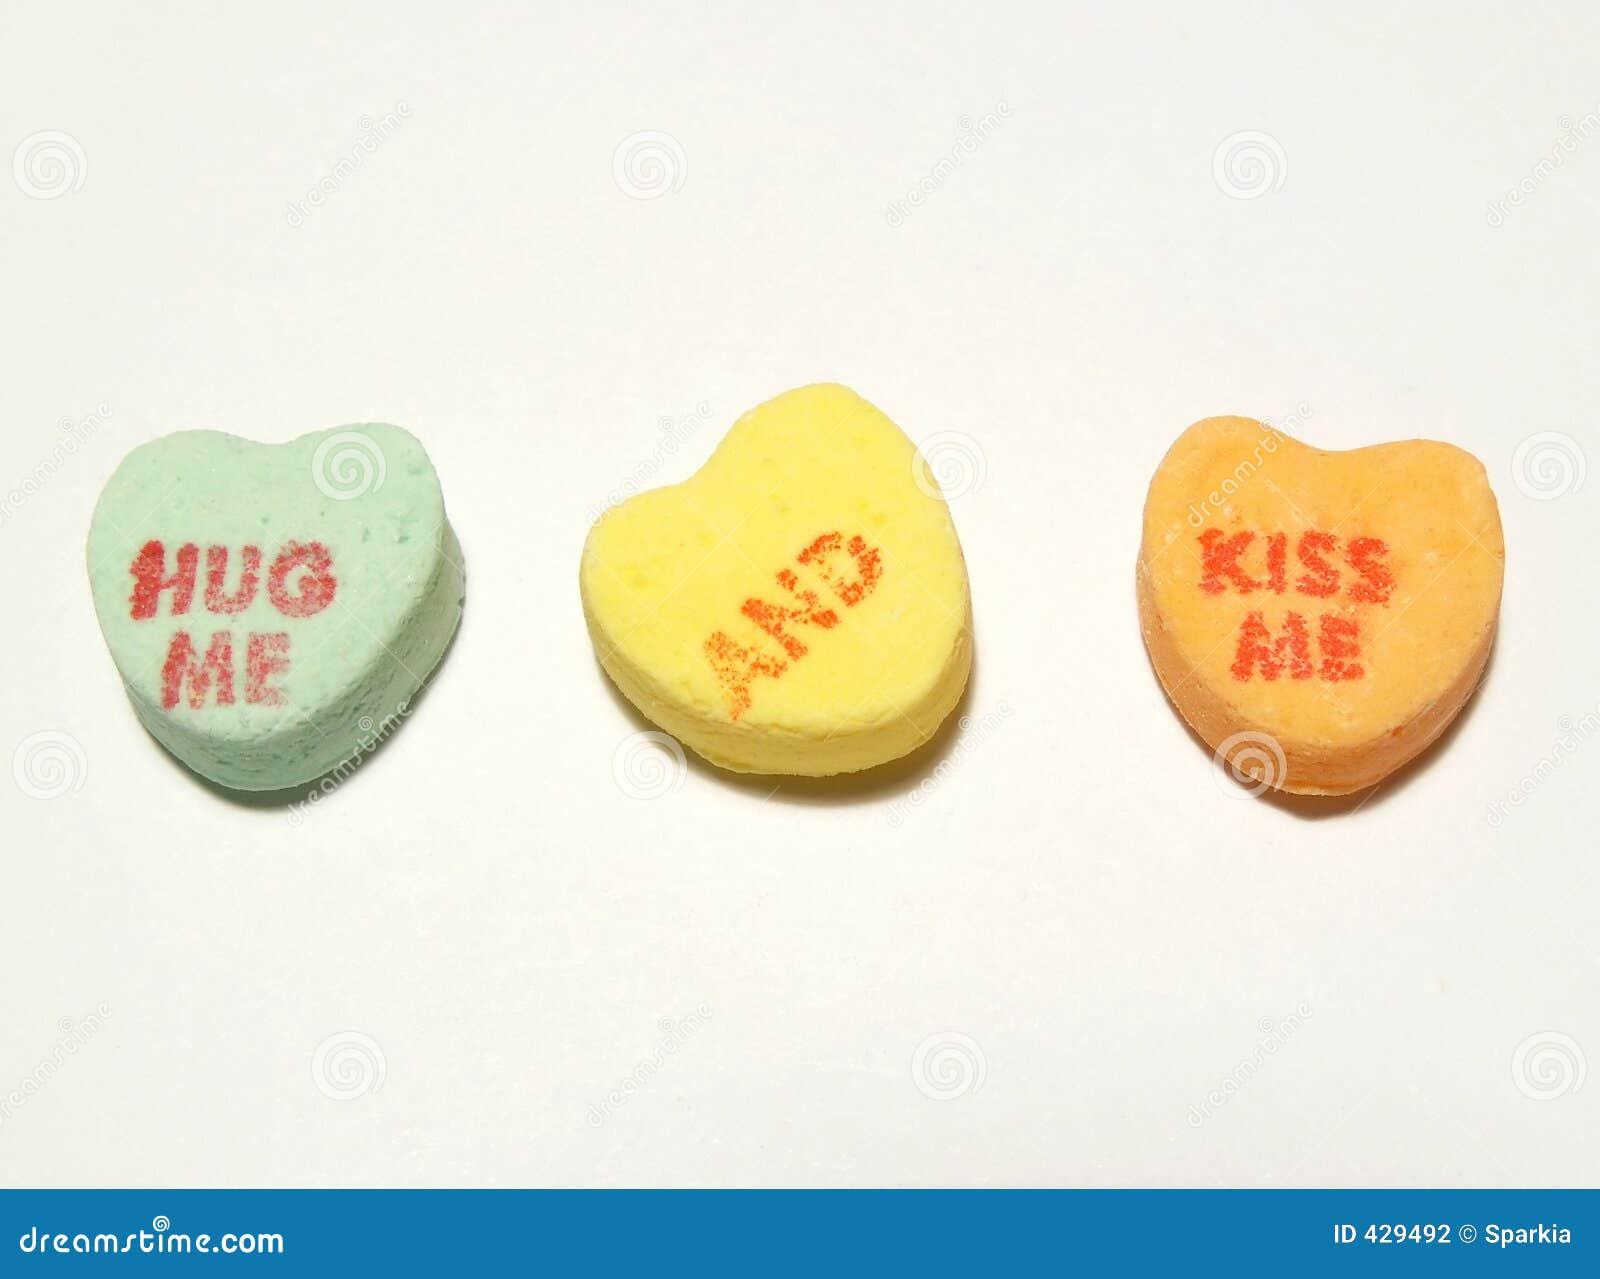 Hug me and kiss me hearts